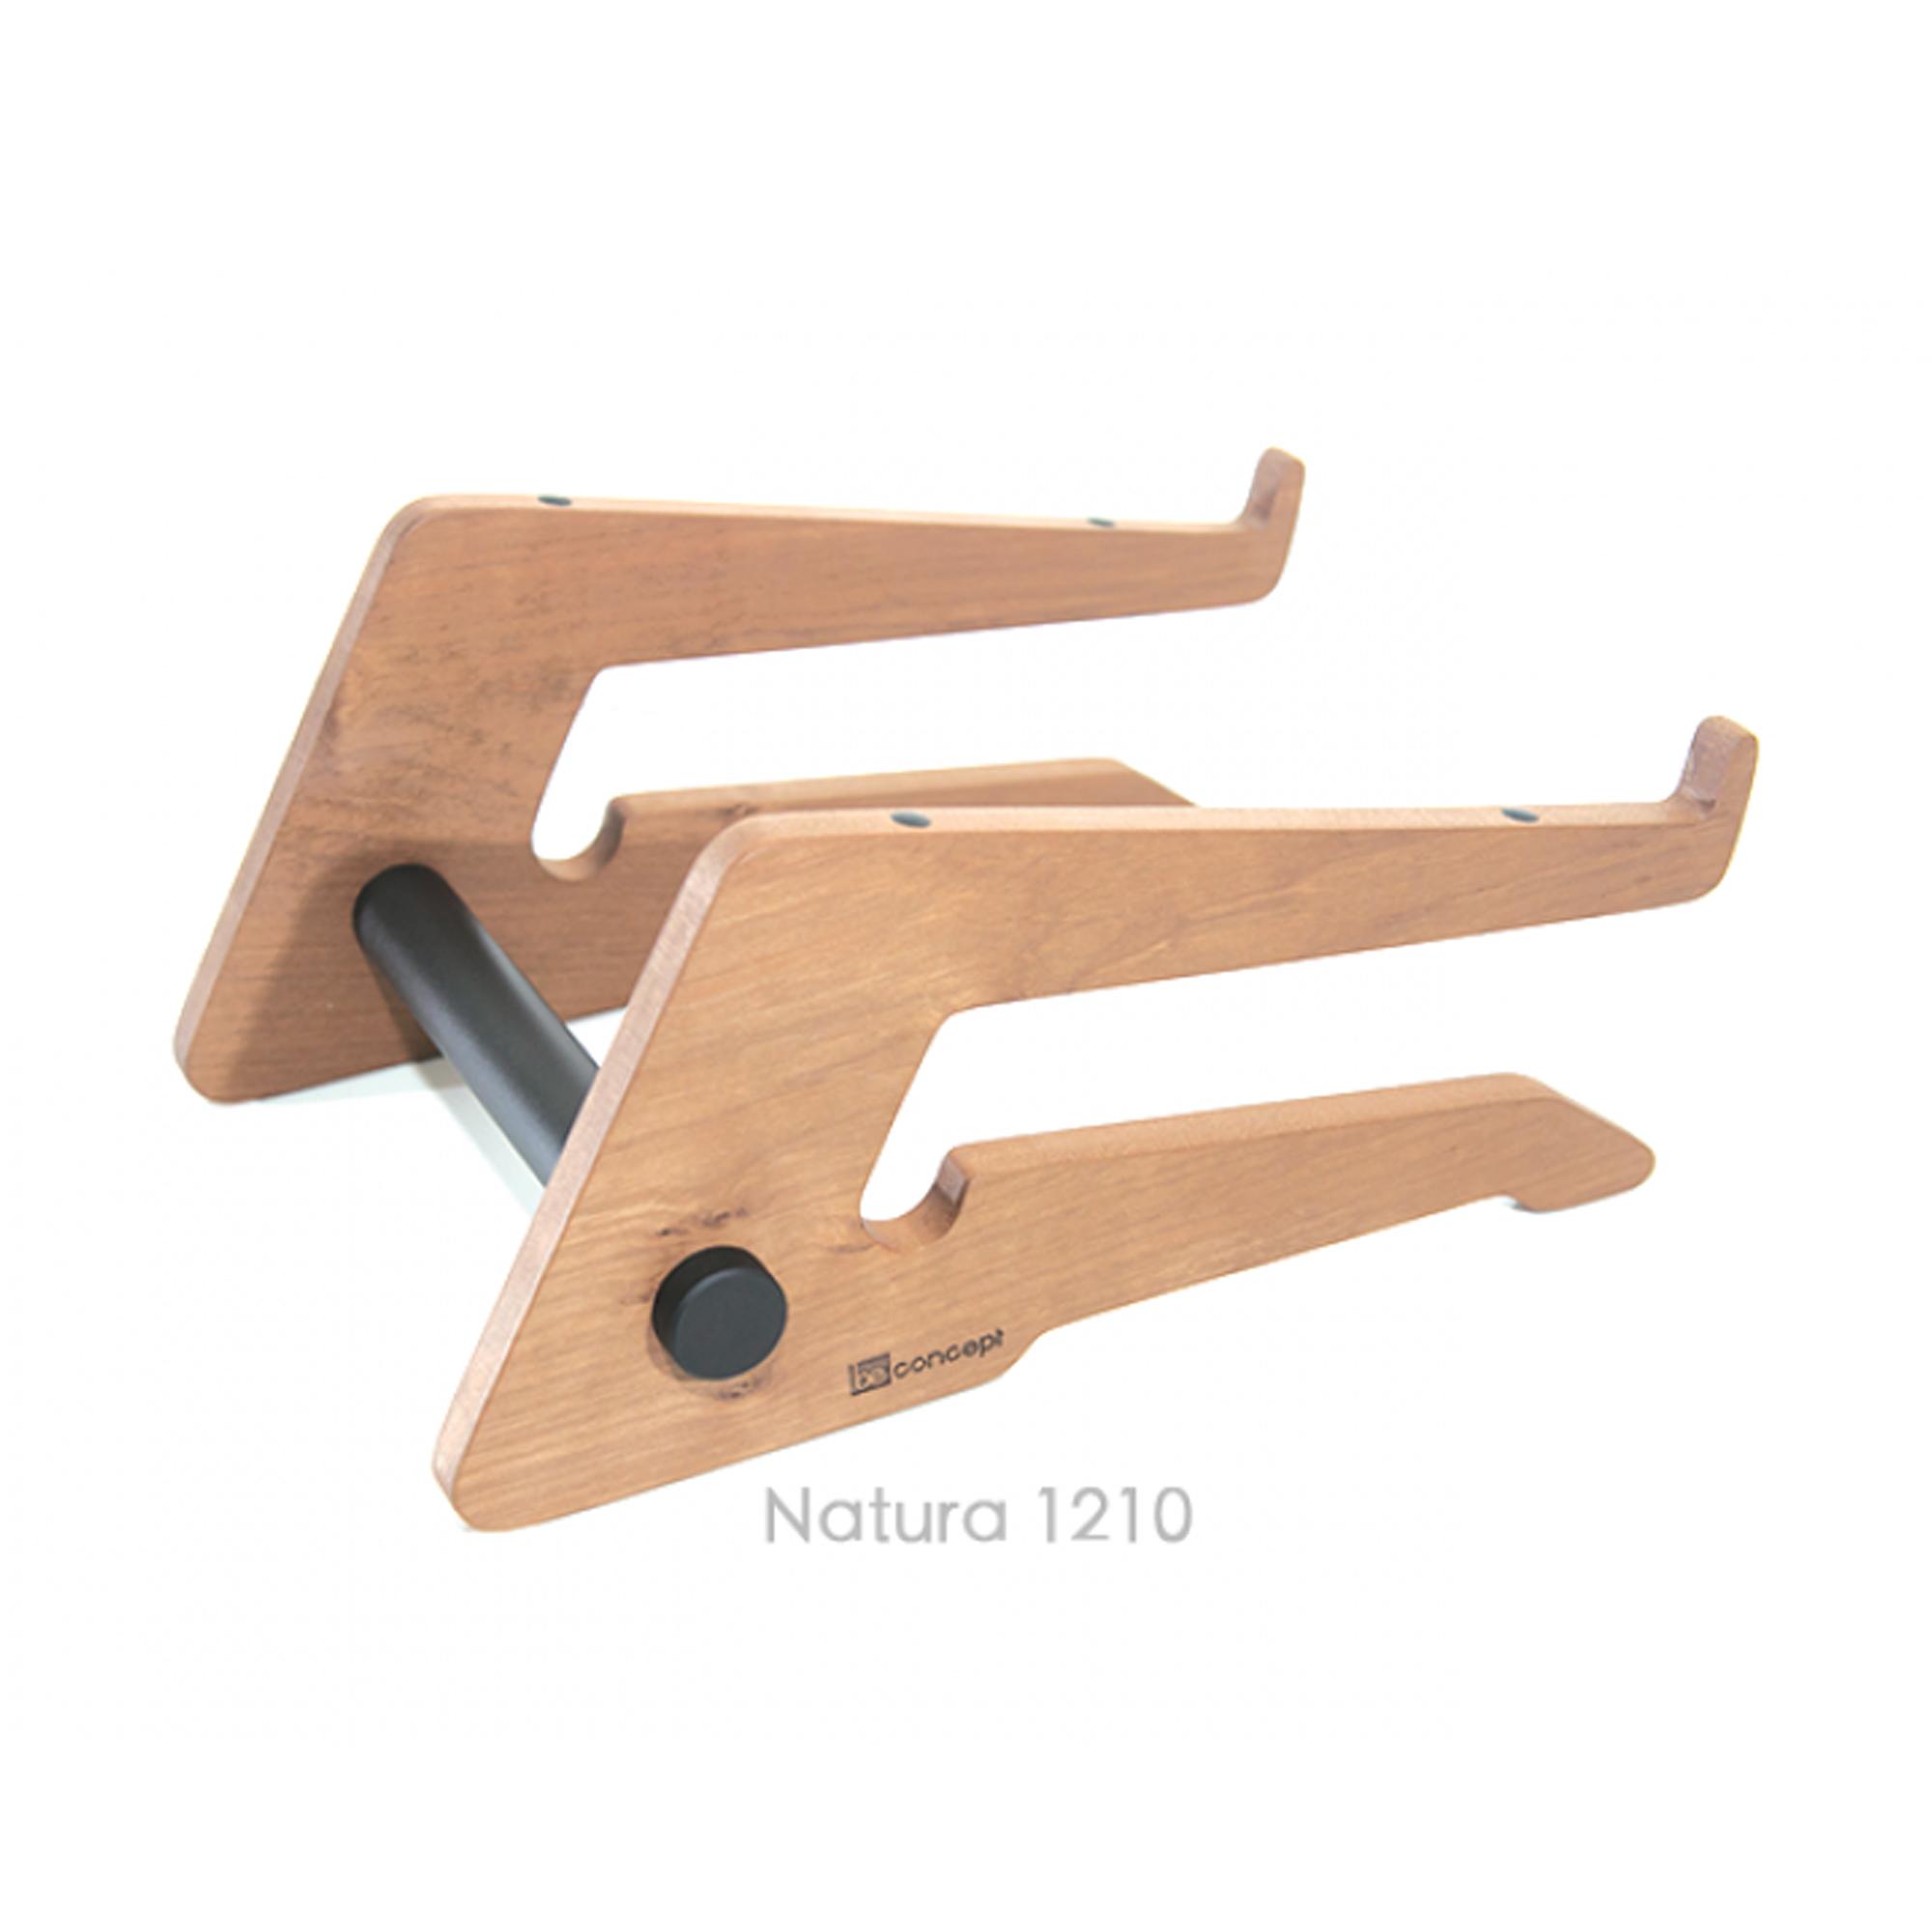 Natura 1210